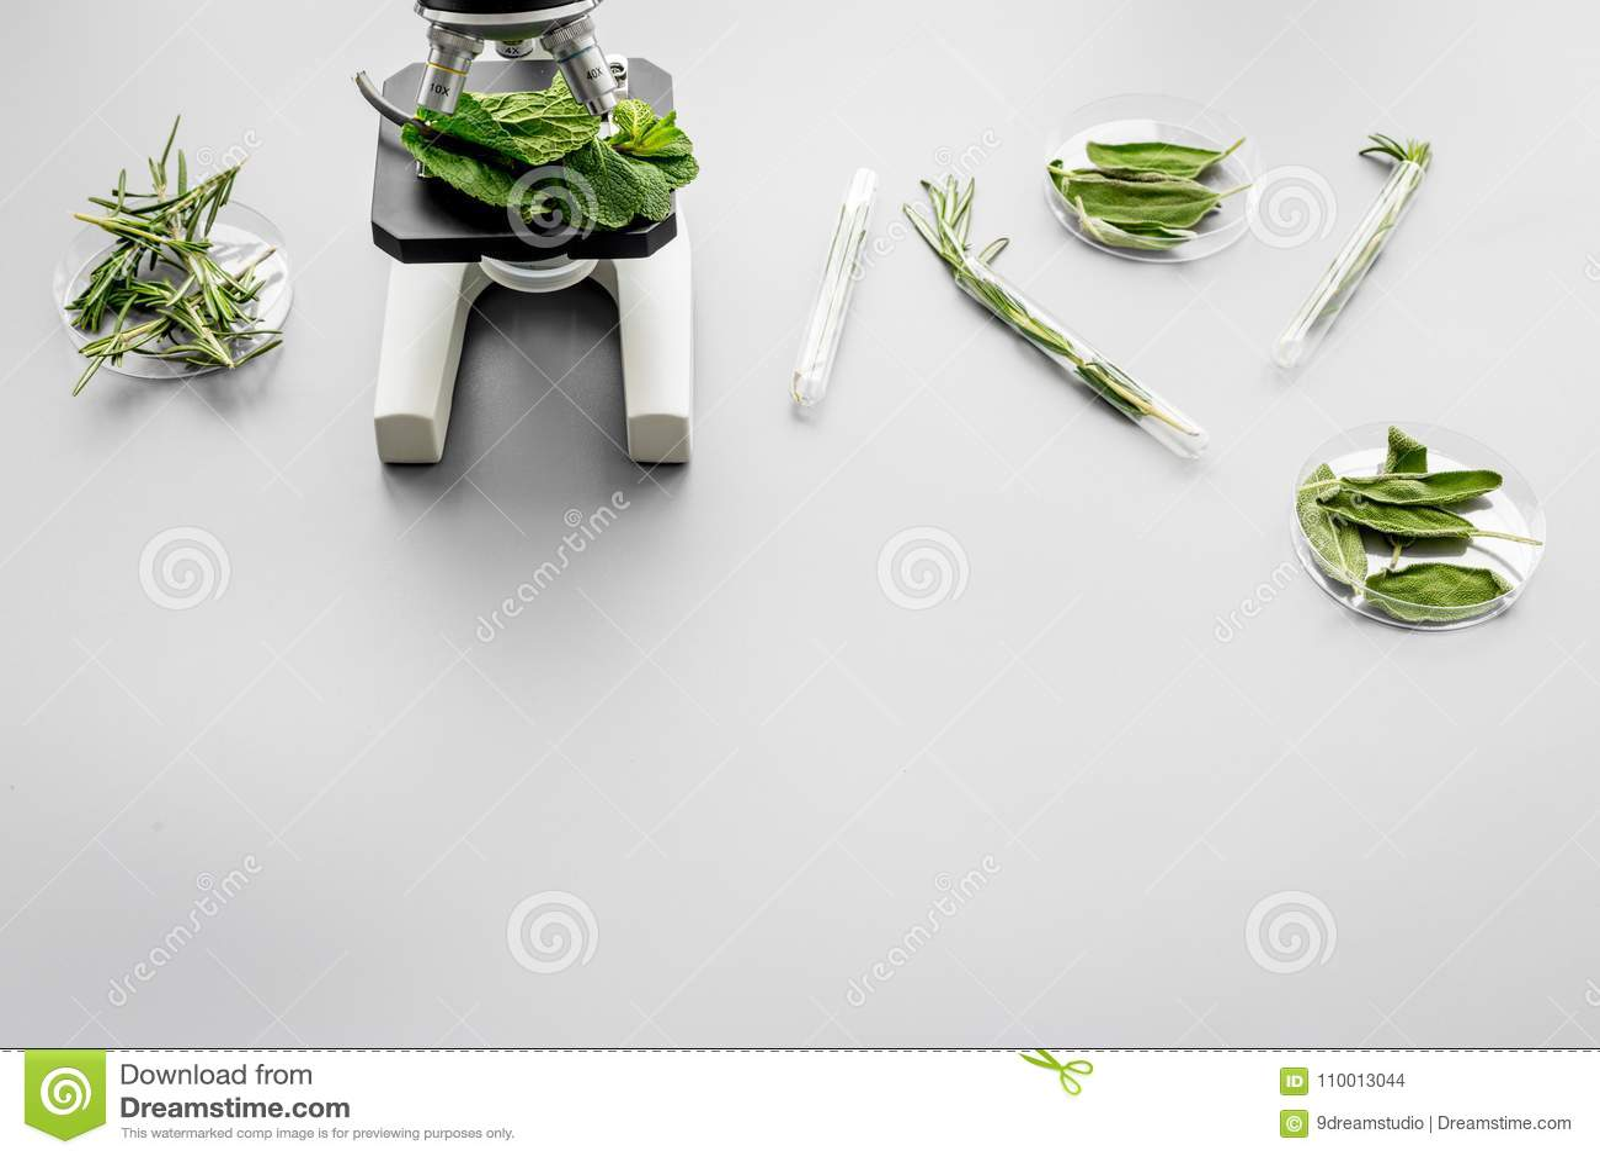 Sicherheitslebensmittel Labor für Lebensmittelanalyse Kräuter, Grüns unter Mikroskop auf grauem Draufsicht-Kopienraum des Hinterg